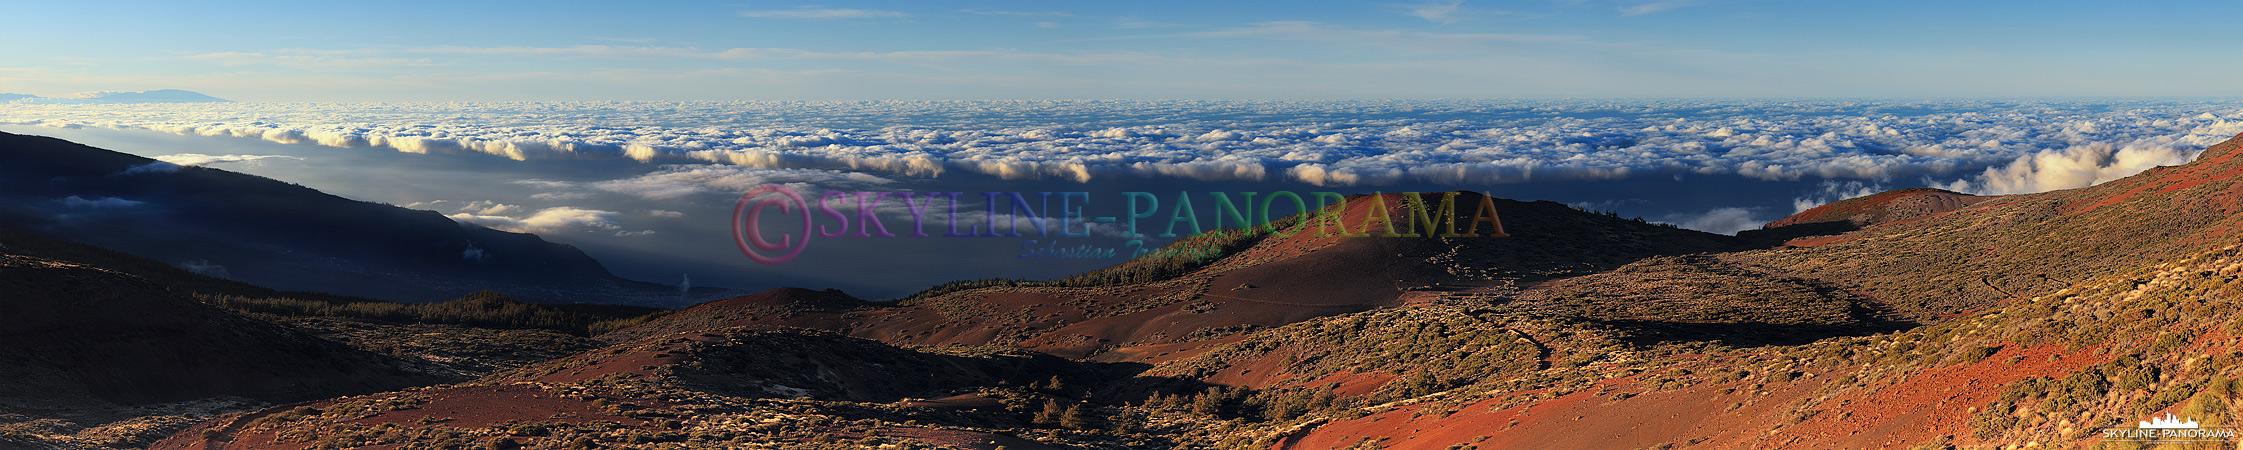 Panorama Teneriffa - über den Wolken